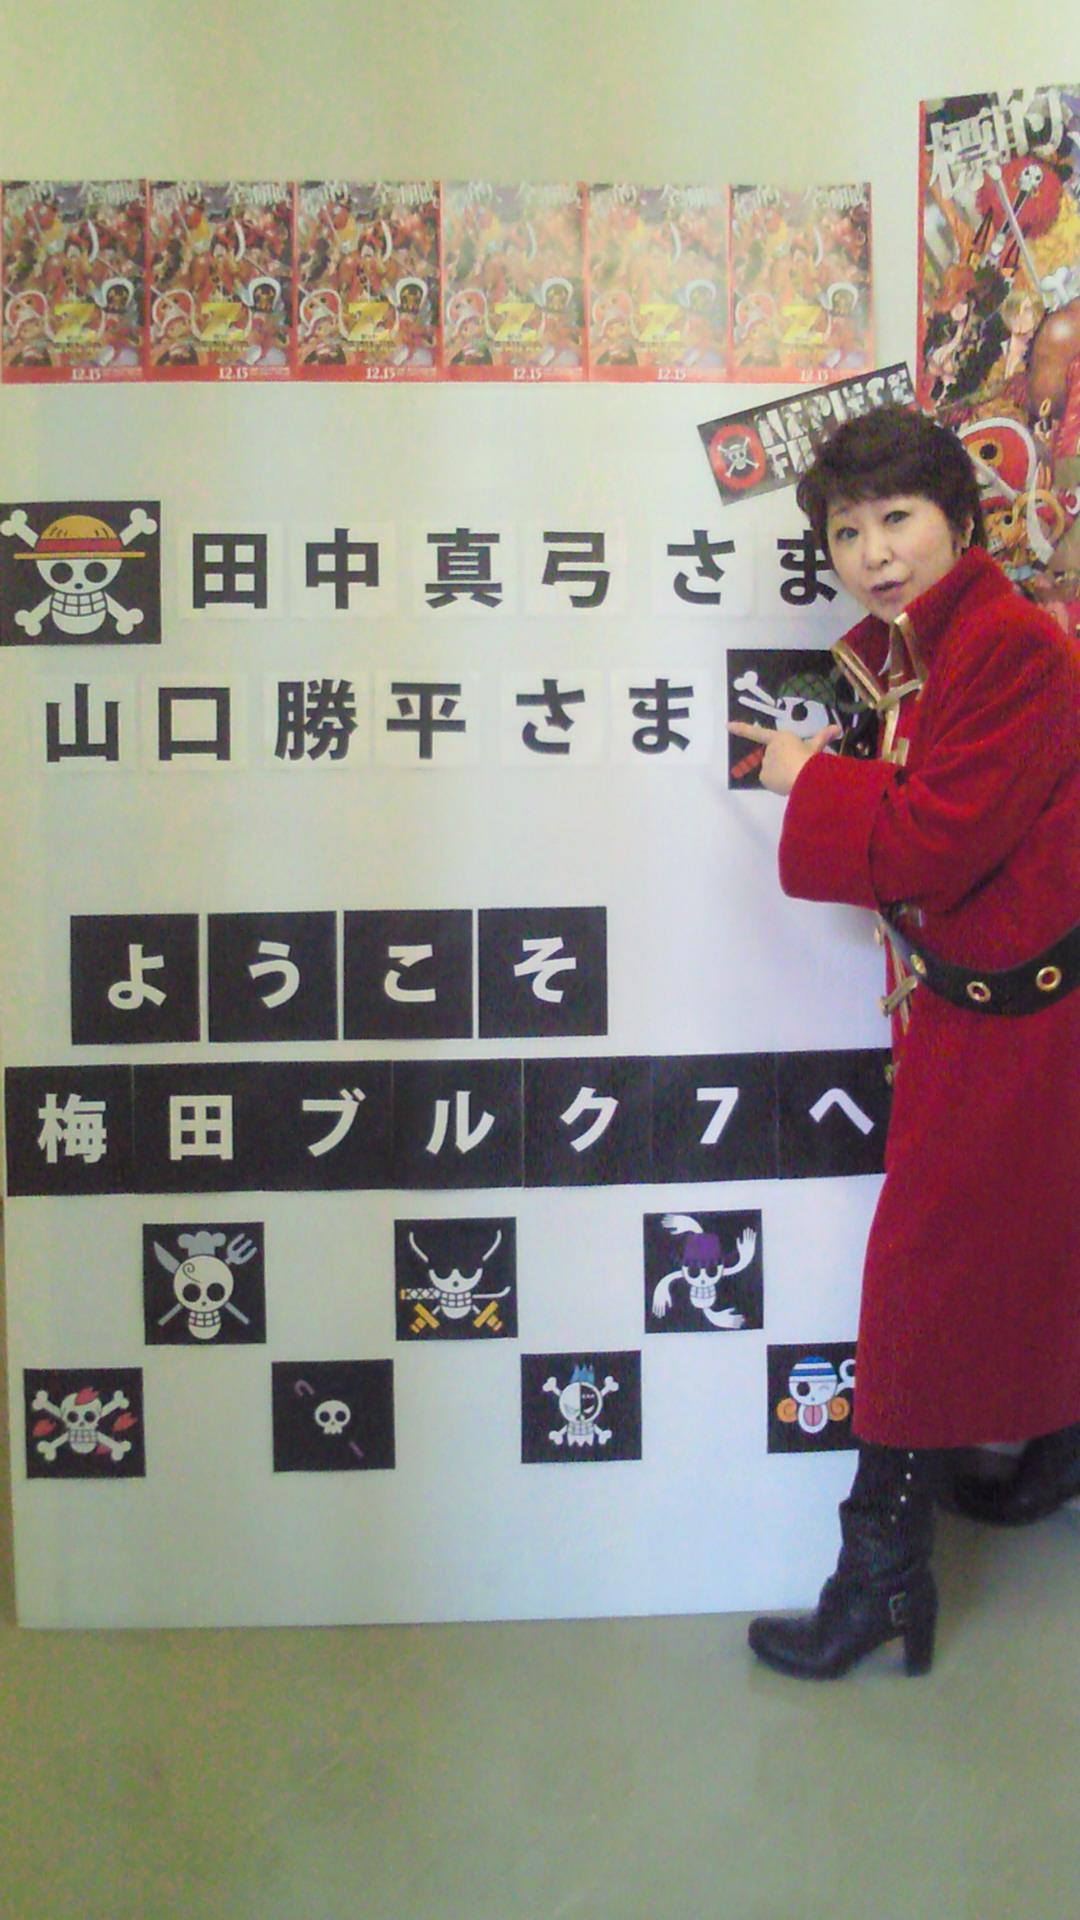 大阪_a0163623_20354328.jpg